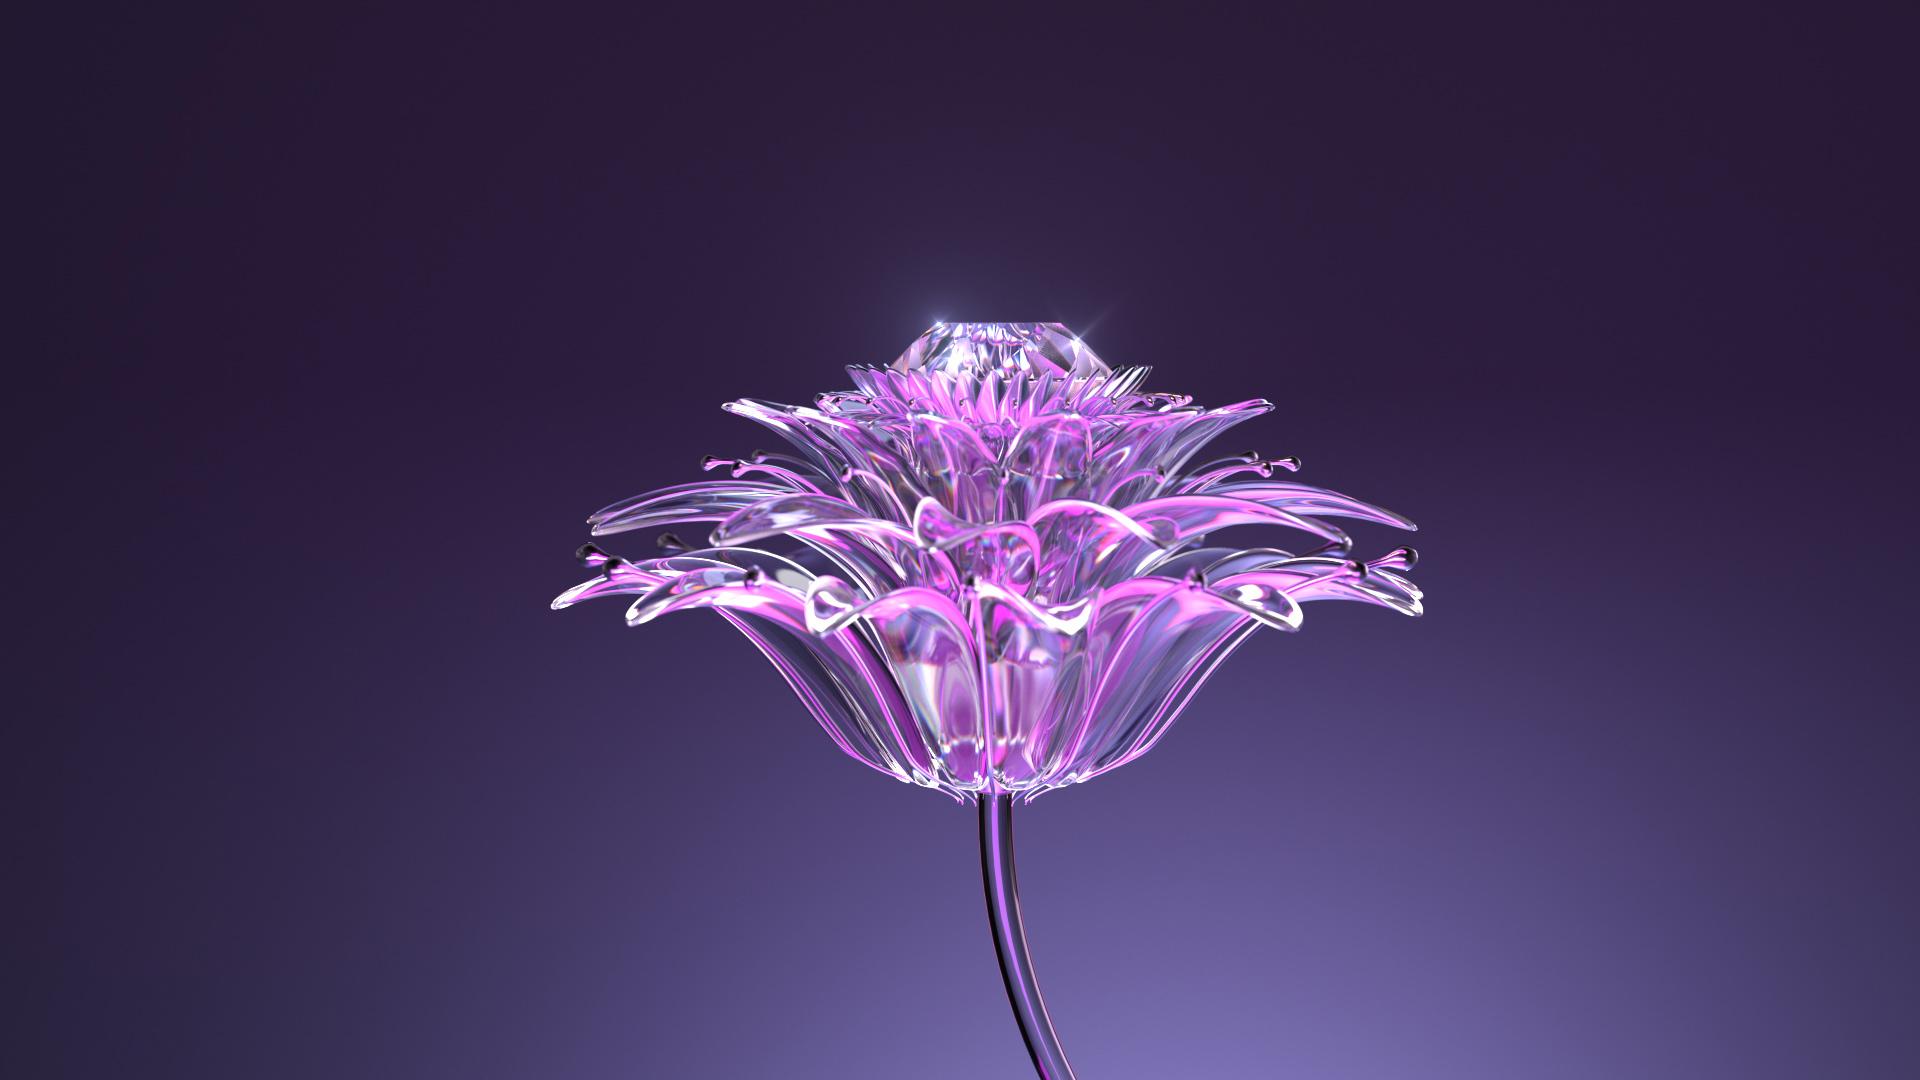 flowerline_03_5